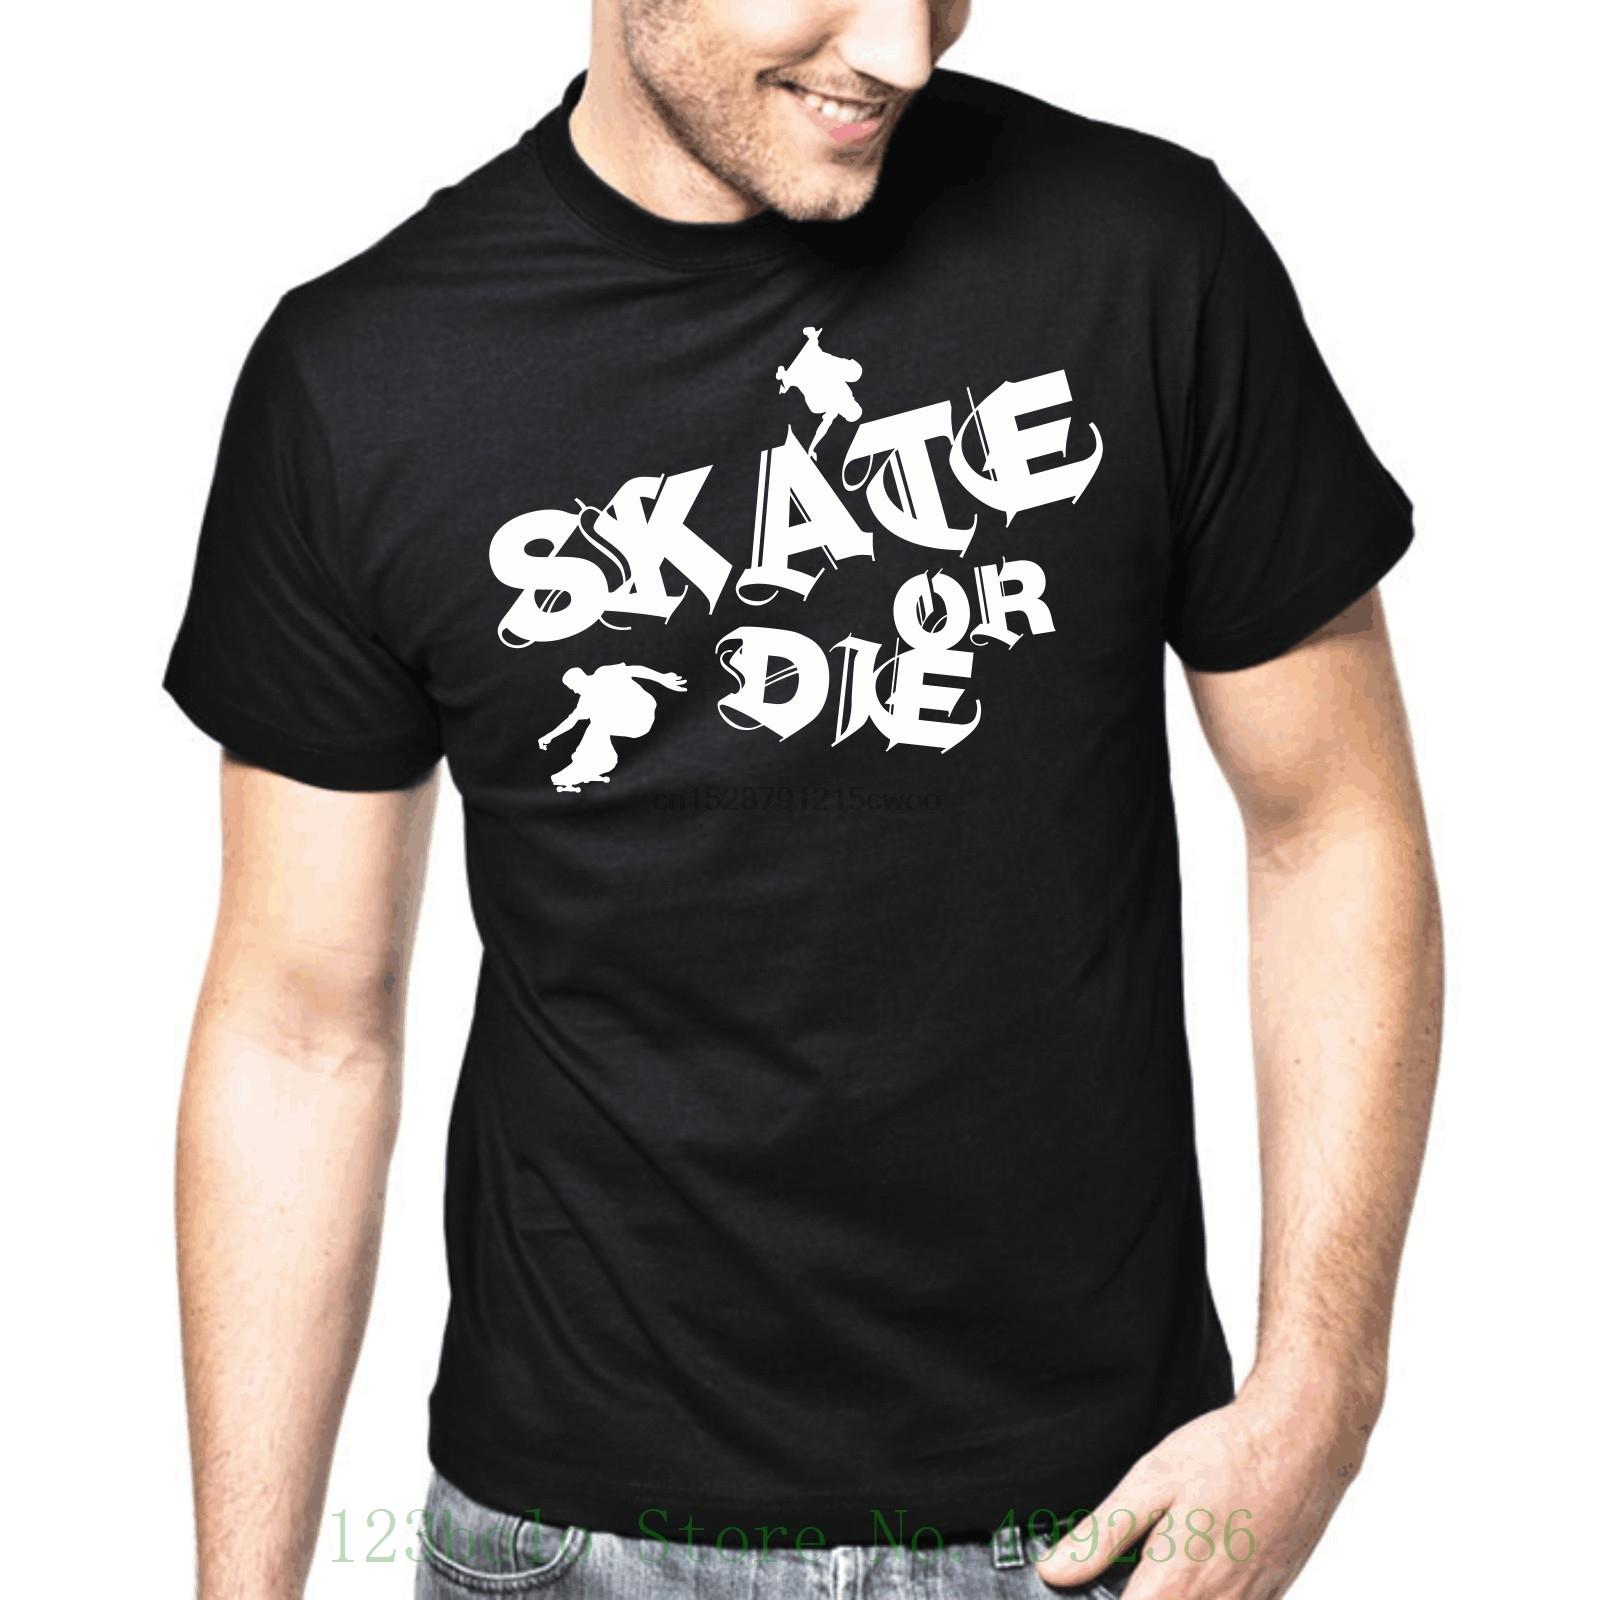 Full Size of Coole T Shirt Sprüche Skate Or Skater Skating Street Urban Retro Oldoldskool T Shirt Lustige Jutebeutel Bettwäsche Für Die Küche Betten Wandtattoo Küche Coole T Shirt Sprüche